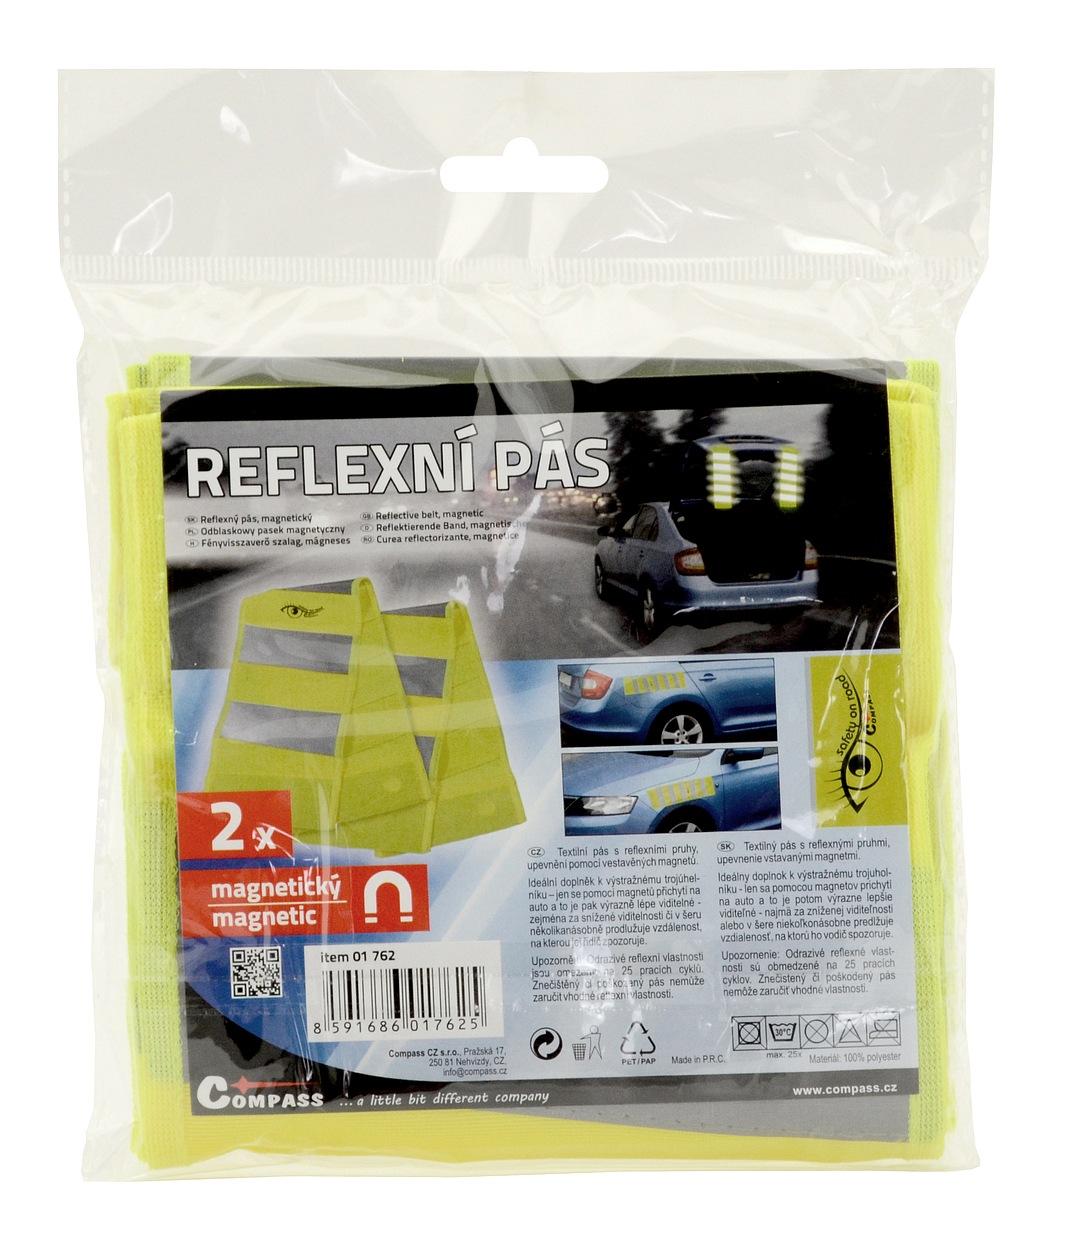 Reflexní pás s magnety žlutý 2ks